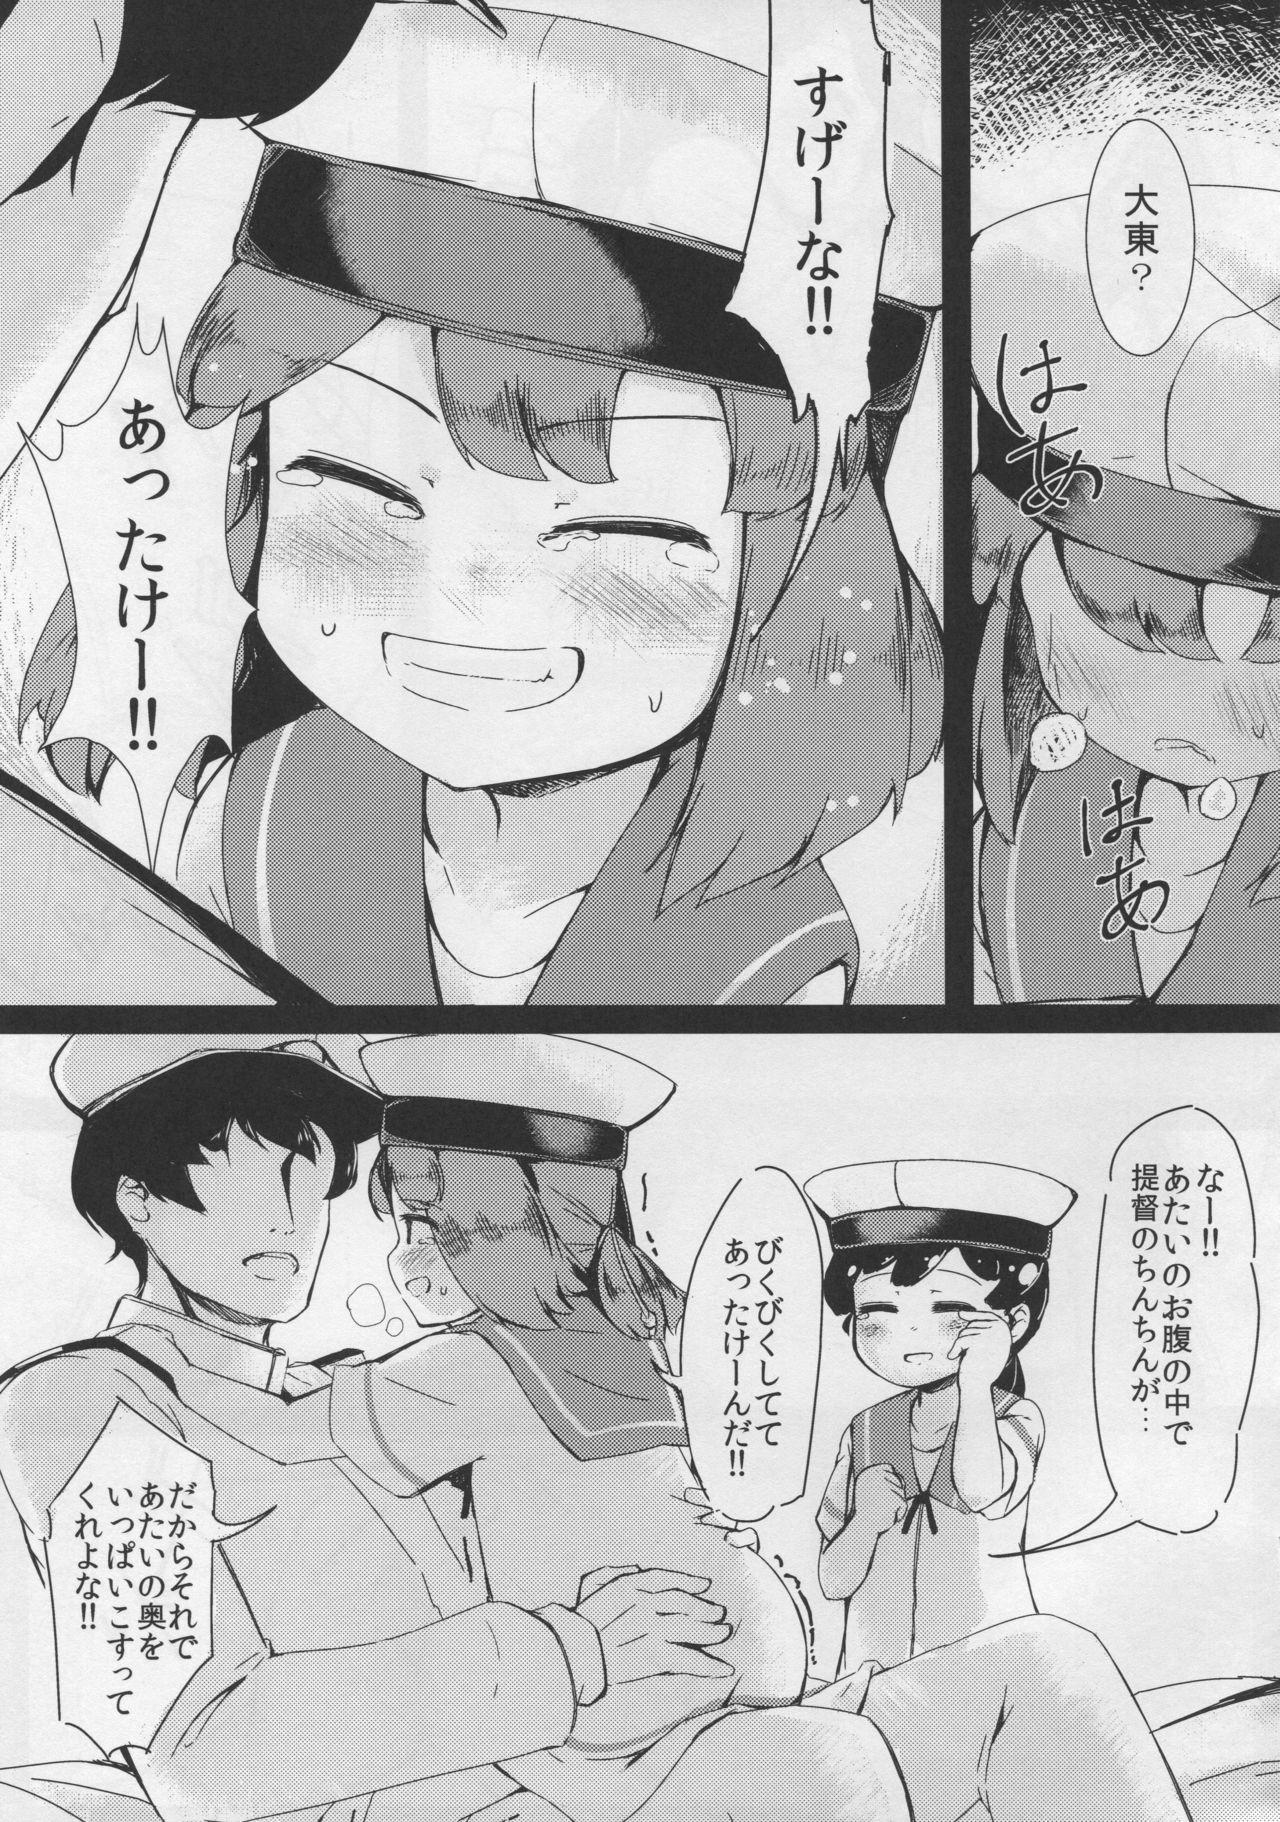 Daitou to Hiburi to Kimochi no Ii Koto 15